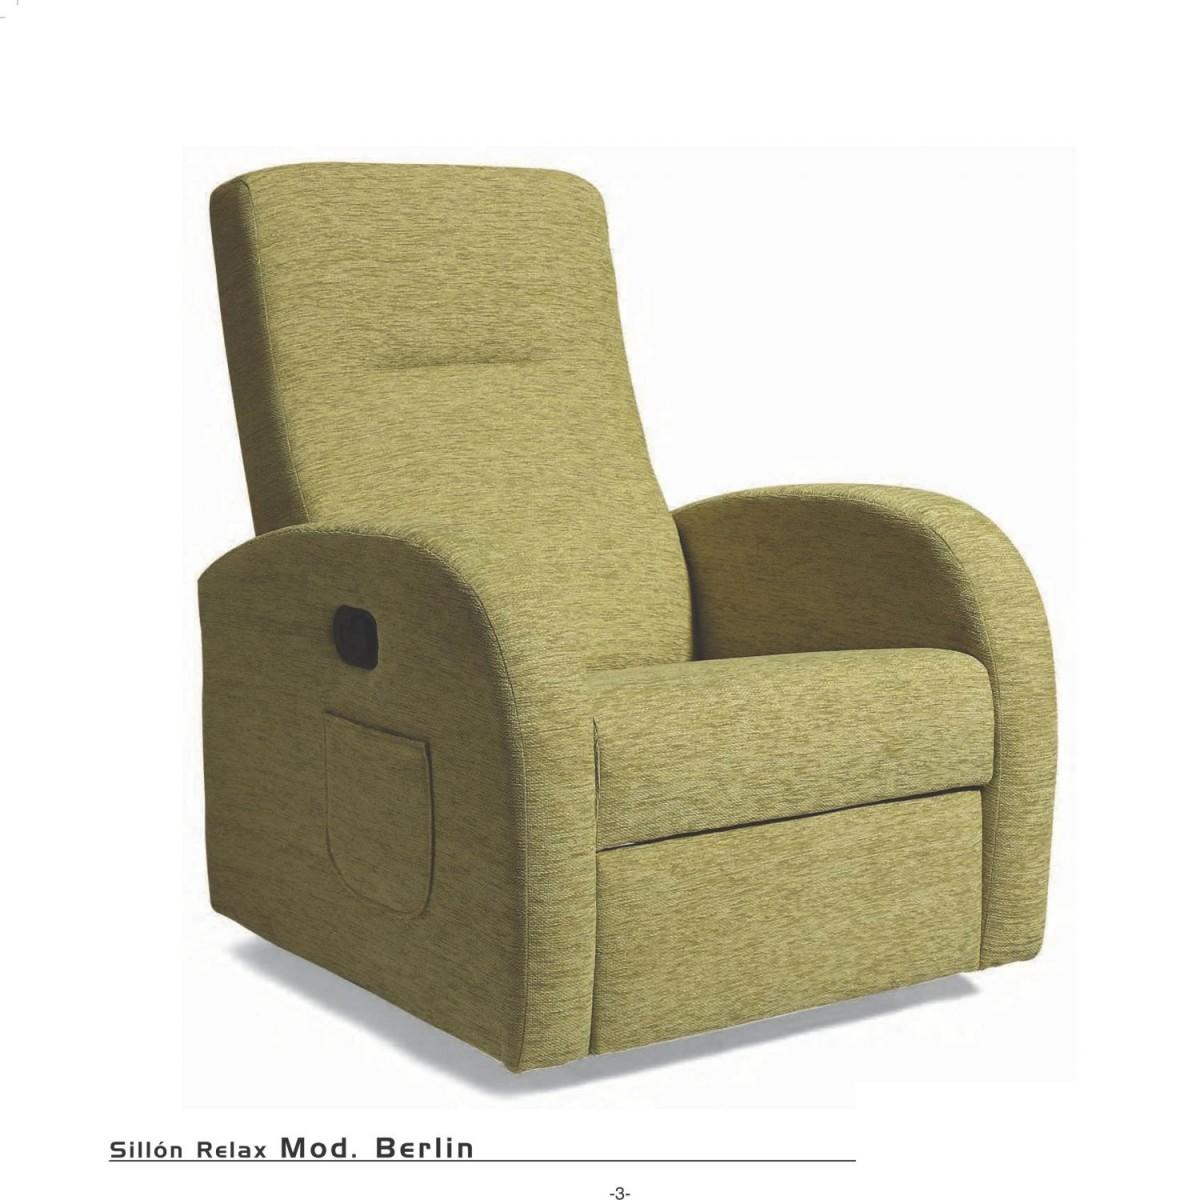 Sillon relax moderno 46 berlin sofas sillones - Sillon relax moderno ...